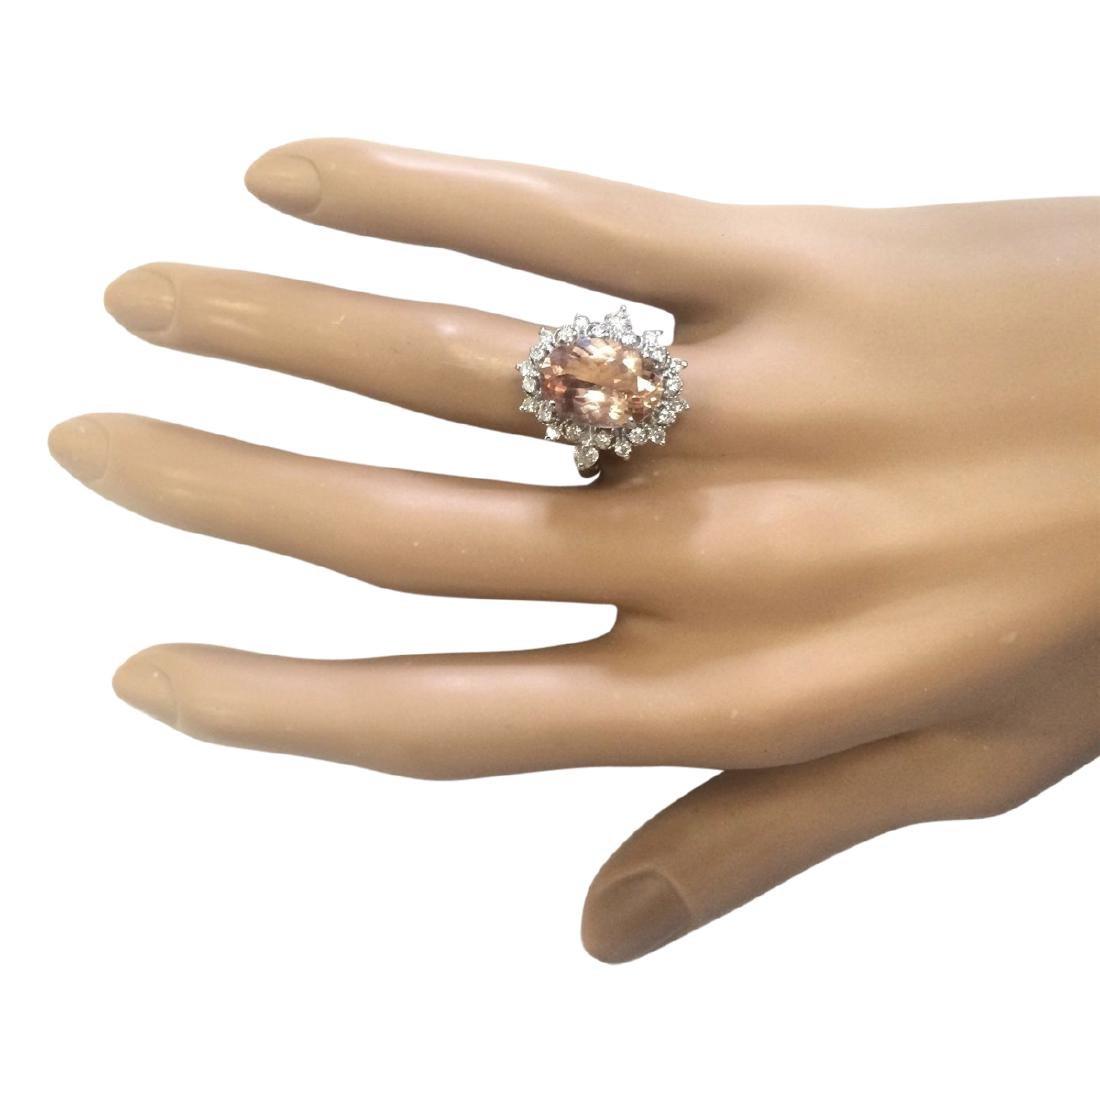 4.38 CTW Natural Morganite And Diamond Ring In 18K - 4